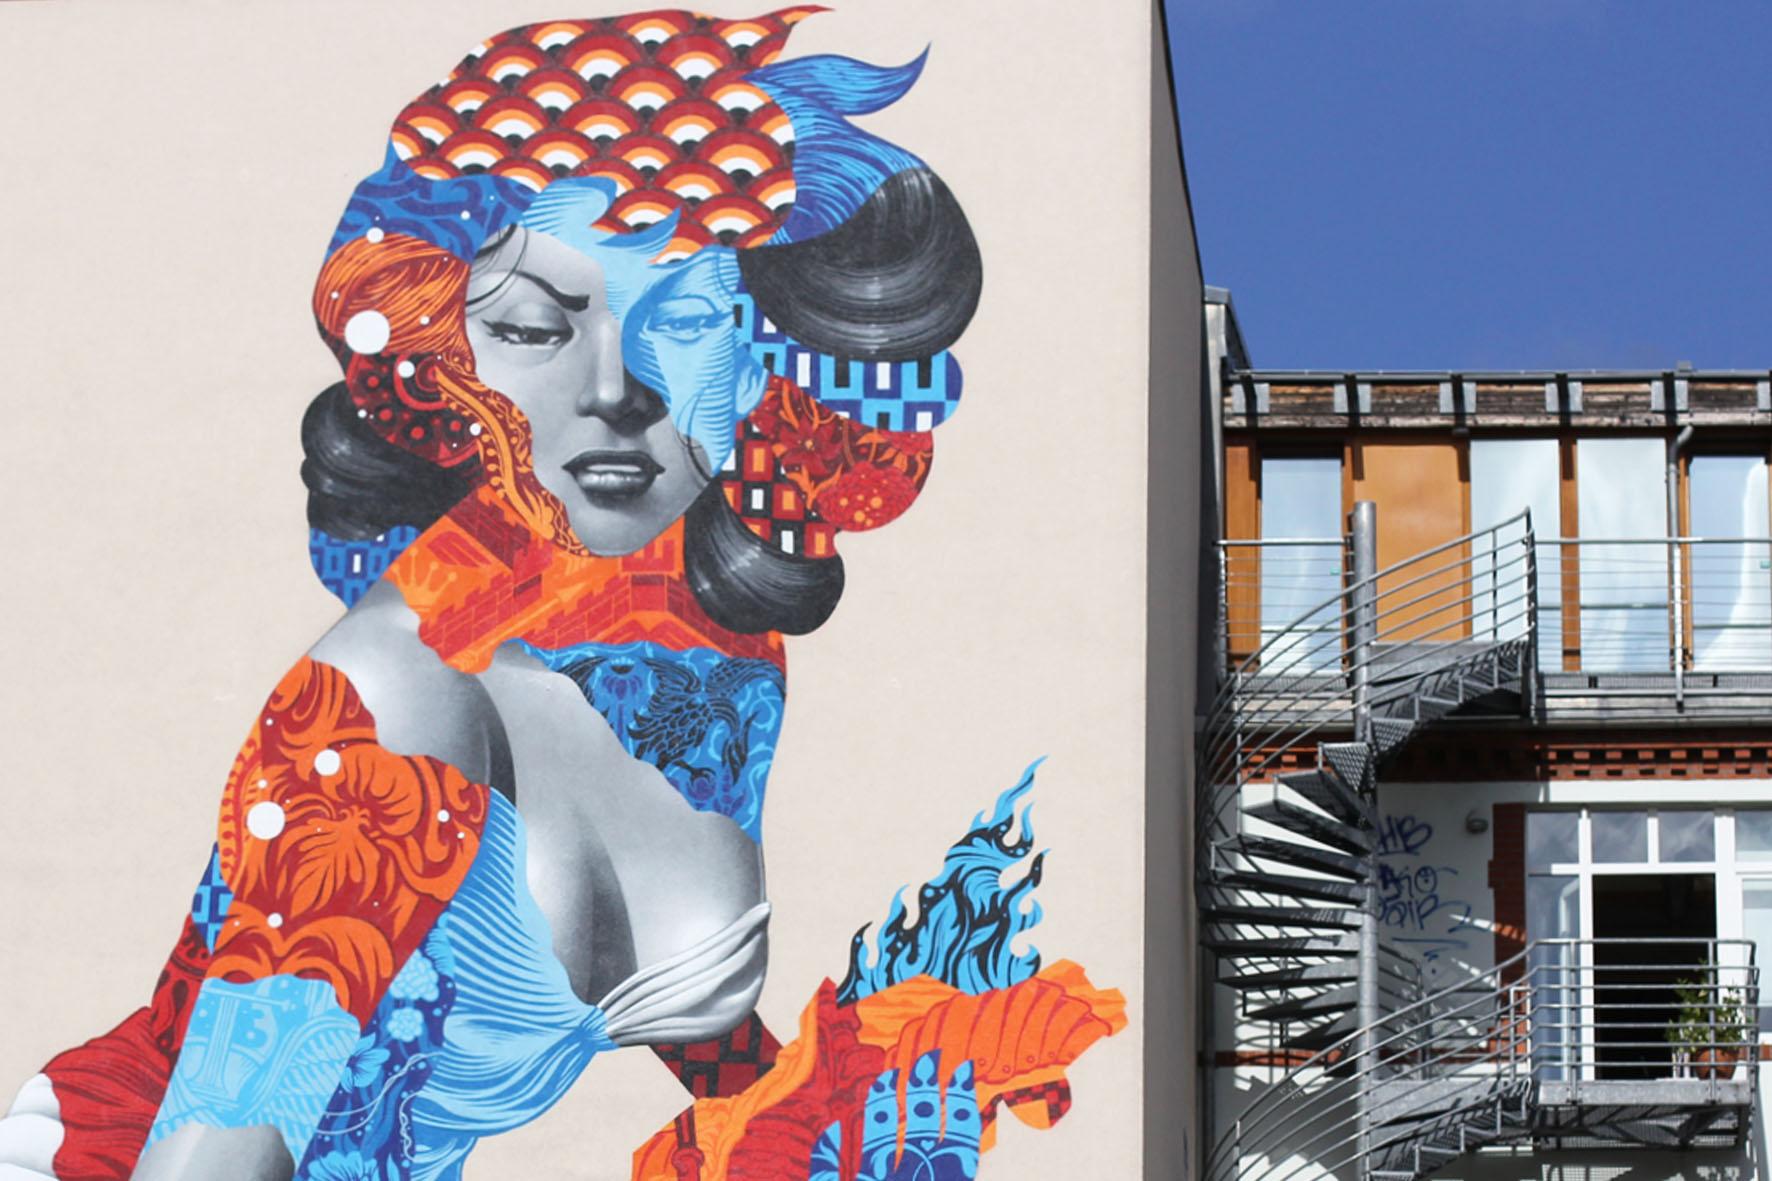 Eine Nahaufnahme des Street Art Murals Attack of the 50 Foot Socialite von Tristan Eaton auf einem Wohngebäude am Am Friedrichshain 33 in Berlin